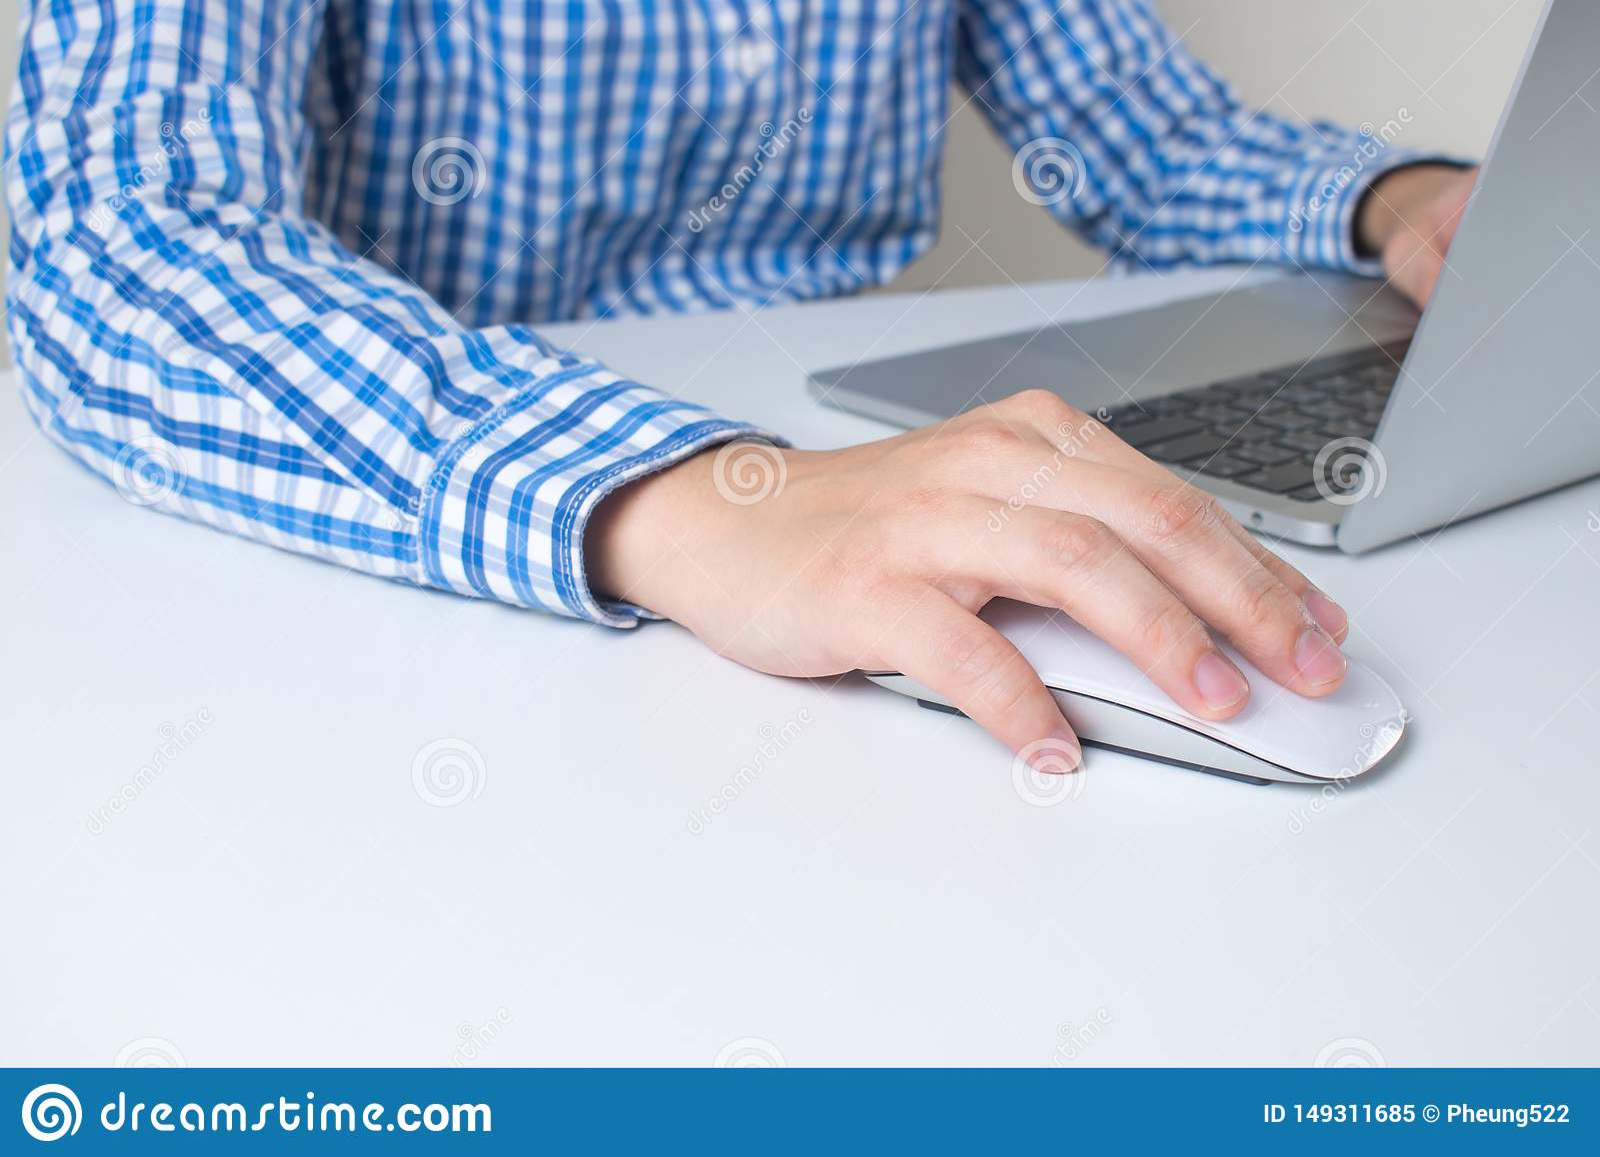 Nahaufnahme eines Mannes, der ein blaues kariertes Hemd unter Verwendung einer Hand h?lt die Maus im B?ro tr?gt